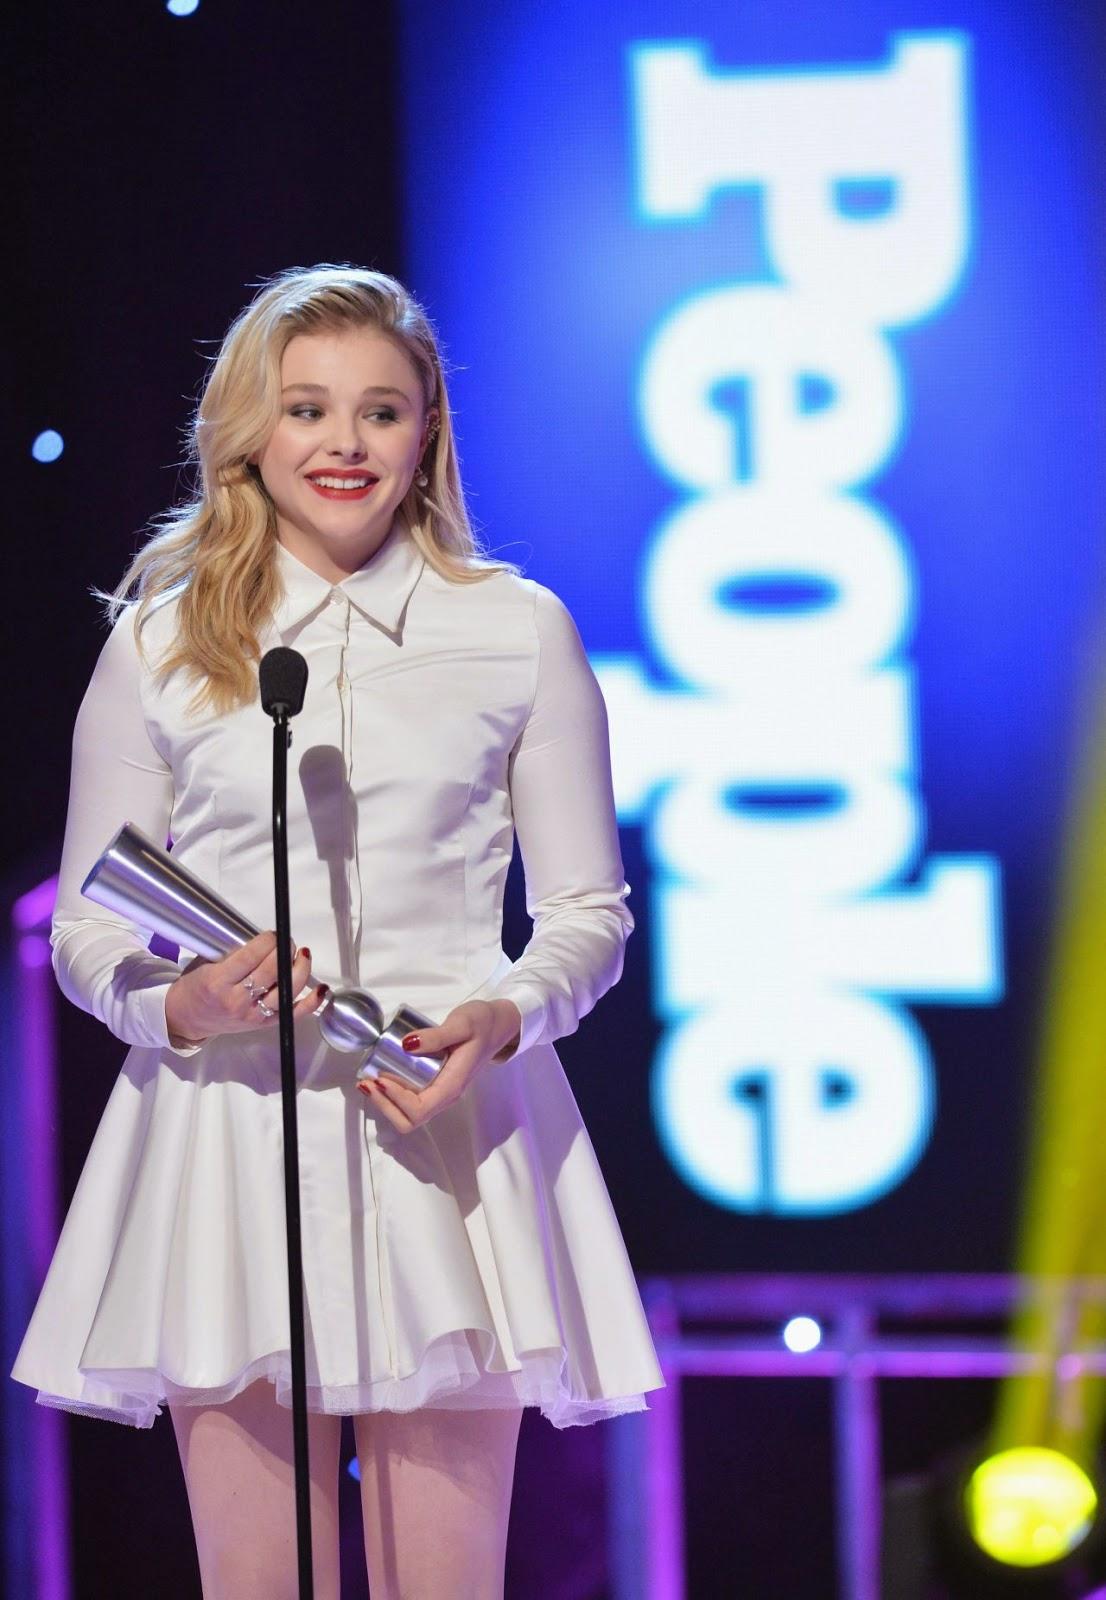 الممثلة الأمريكية كلوي مورتيز في حفل جوائز مجلة بيبول بفستان أبيض قصير